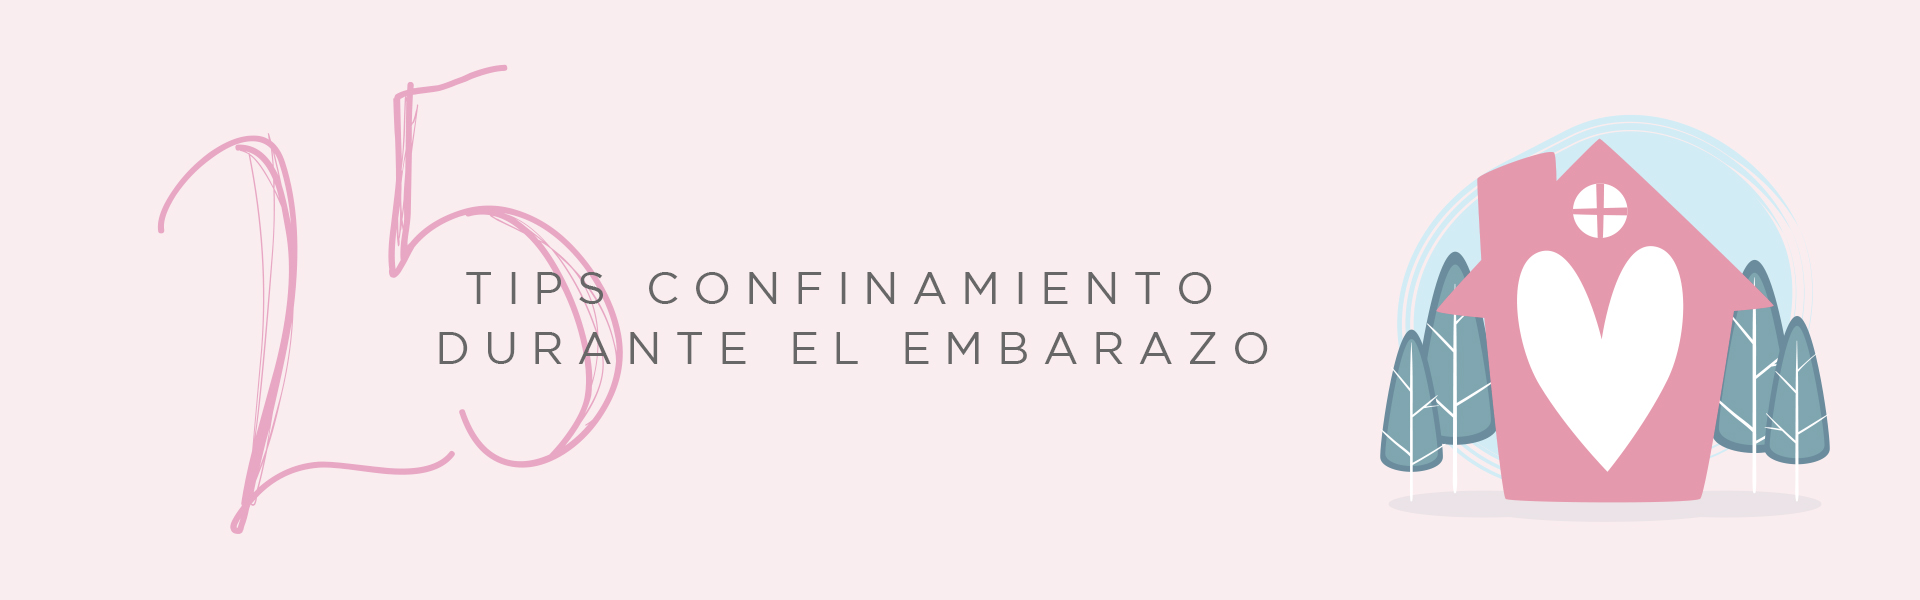 confinamiento_embarazo